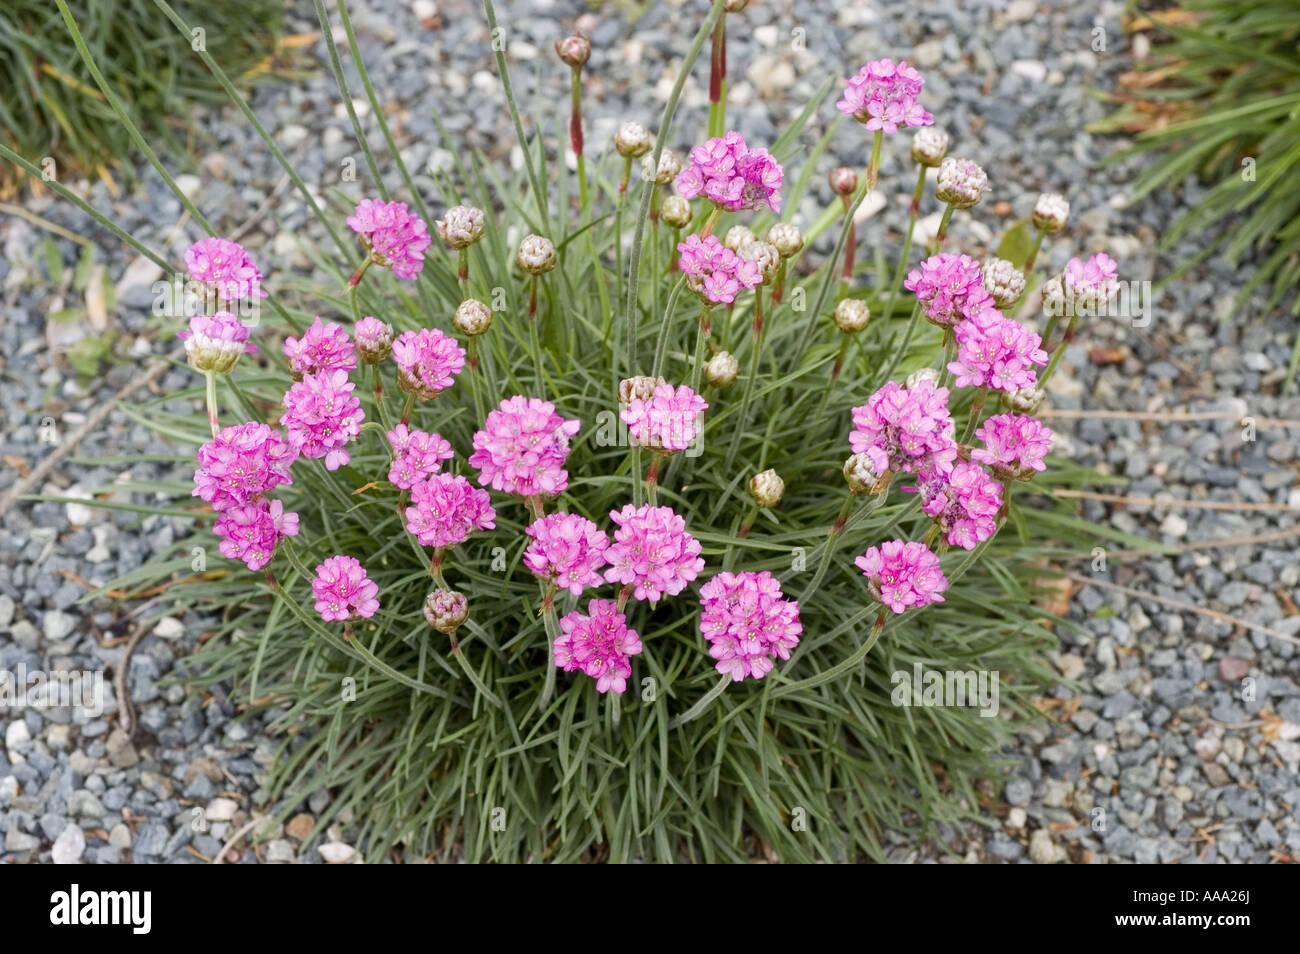 Sea pinks flowers images flower decoration ideas sea pinks flowers choice image flower decoration ideas sea pinks flowers gallery flower decoration ideas sea mightylinksfo